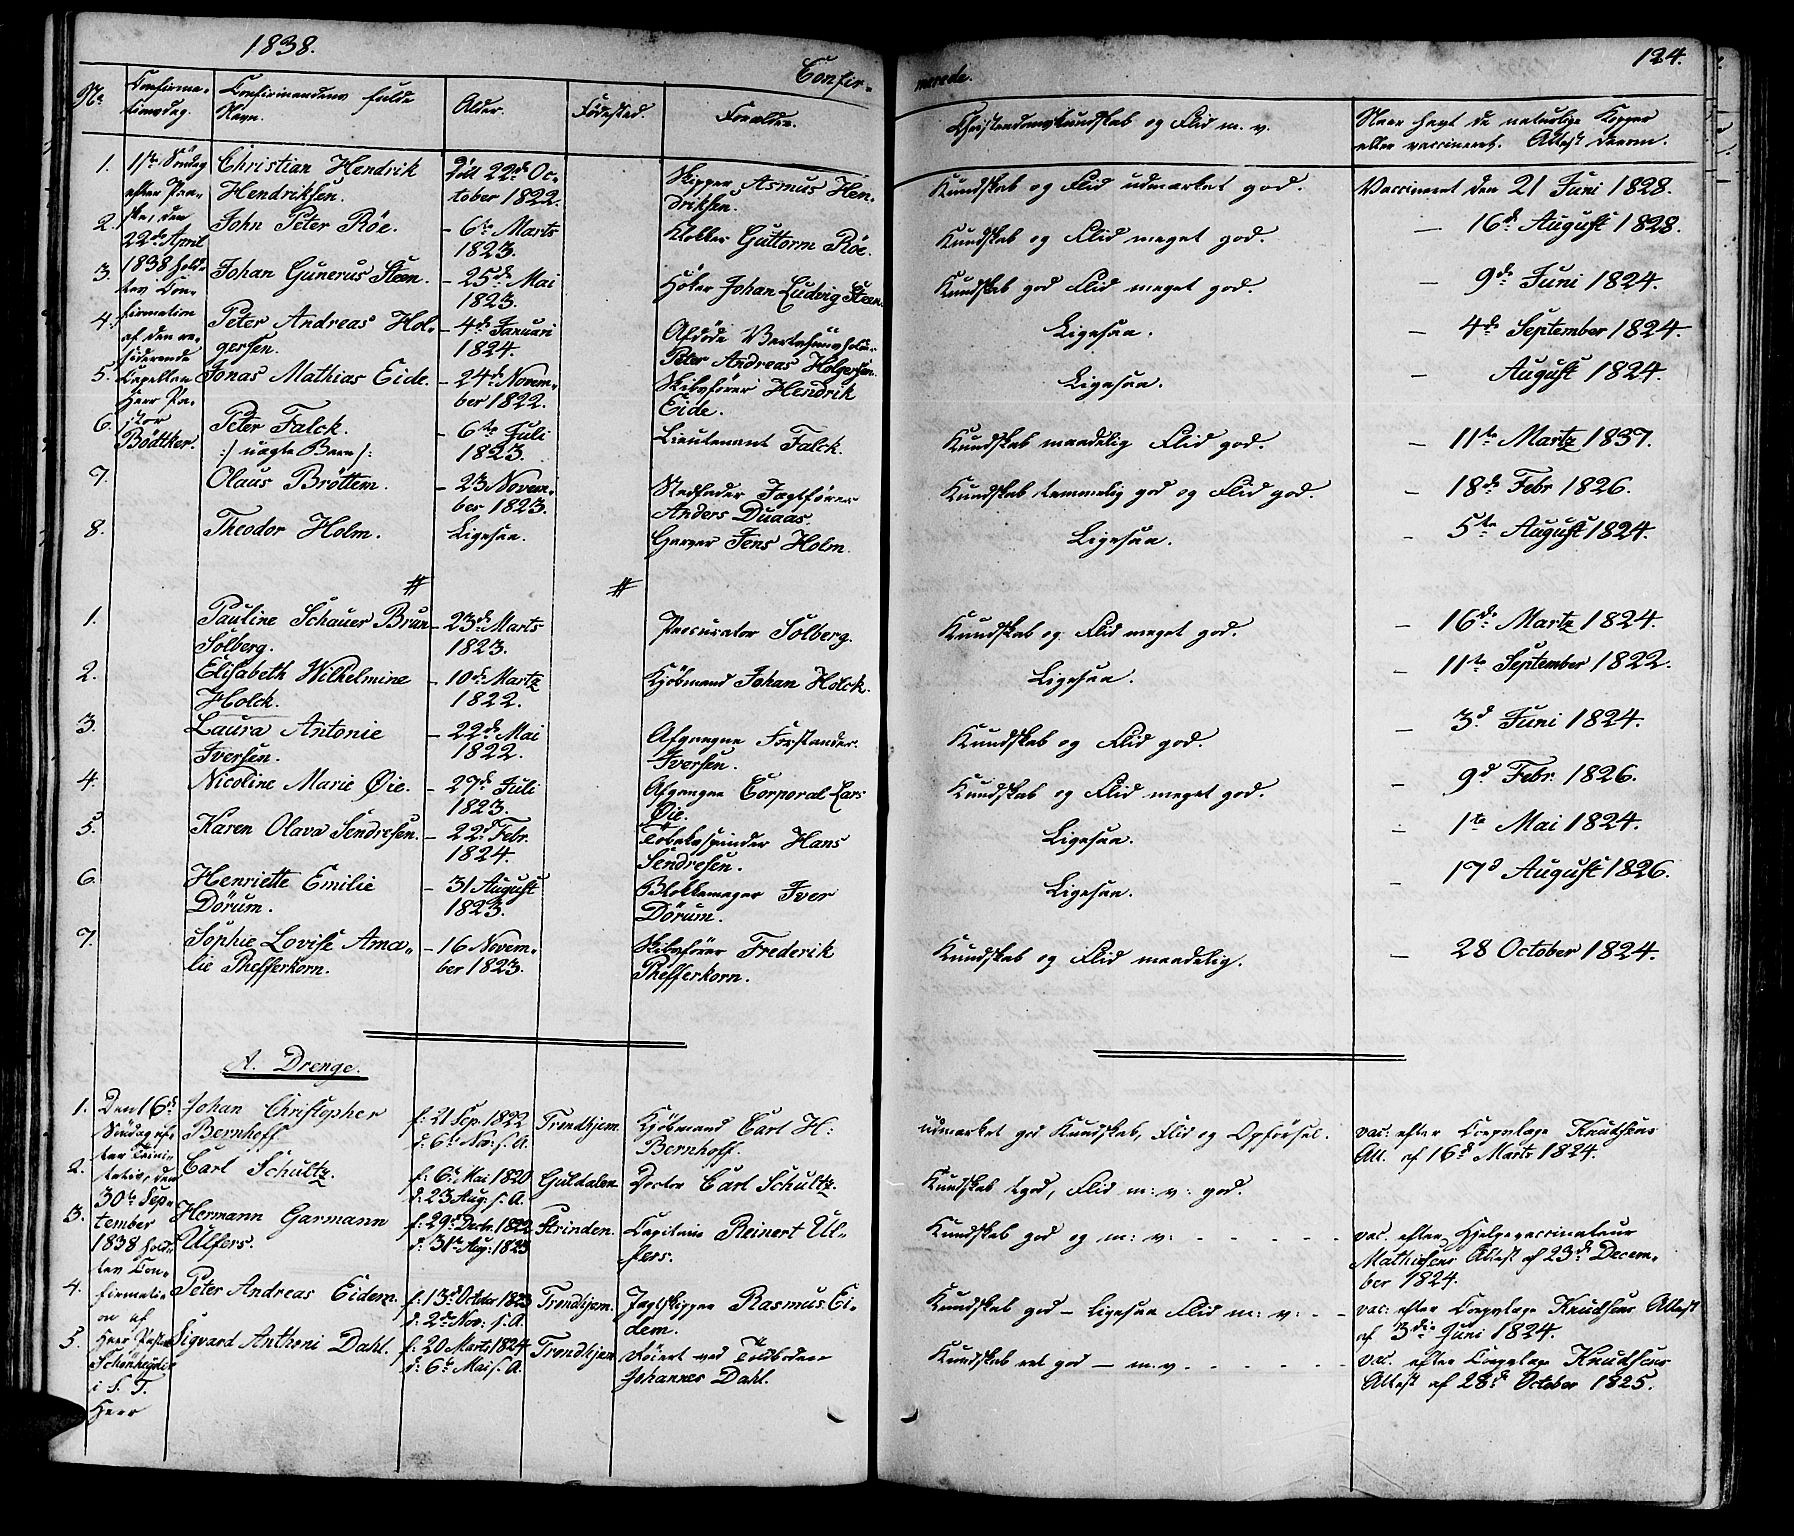 SAT, Ministerialprotokoller, klokkerbøker og fødselsregistre - Sør-Trøndelag, 602/L0136: Klokkerbok nr. 602C04, 1833-1845, s. 124